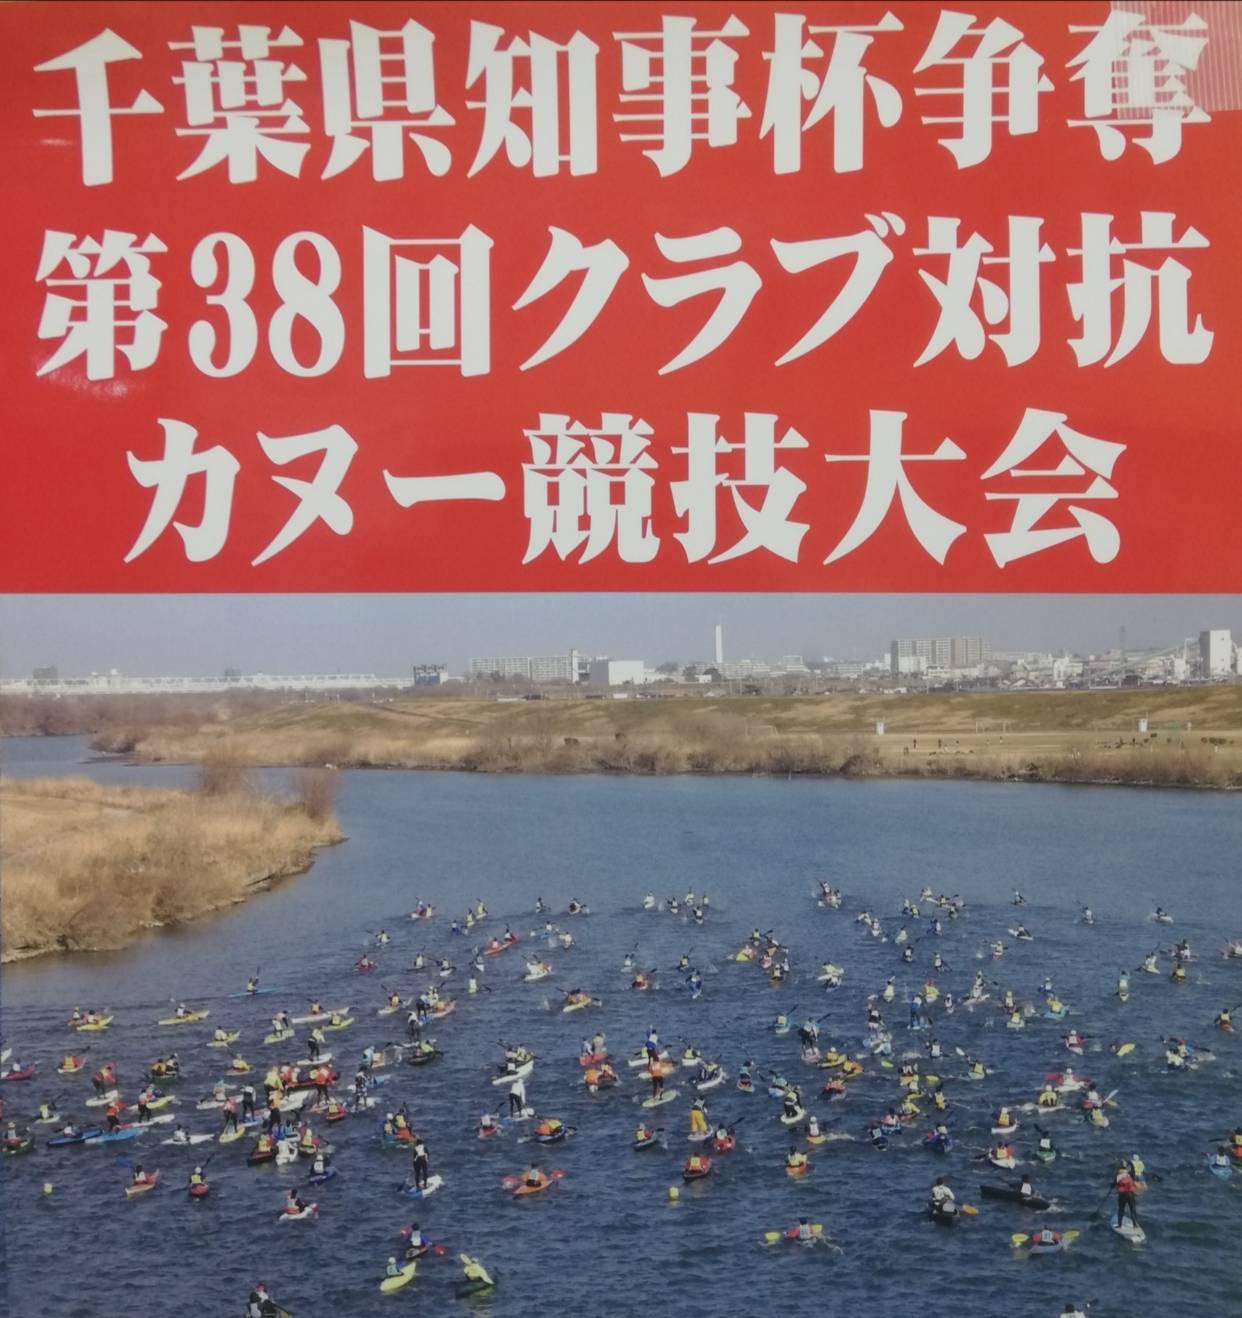 千葉県知事杯カヌー2020松戸江戸川